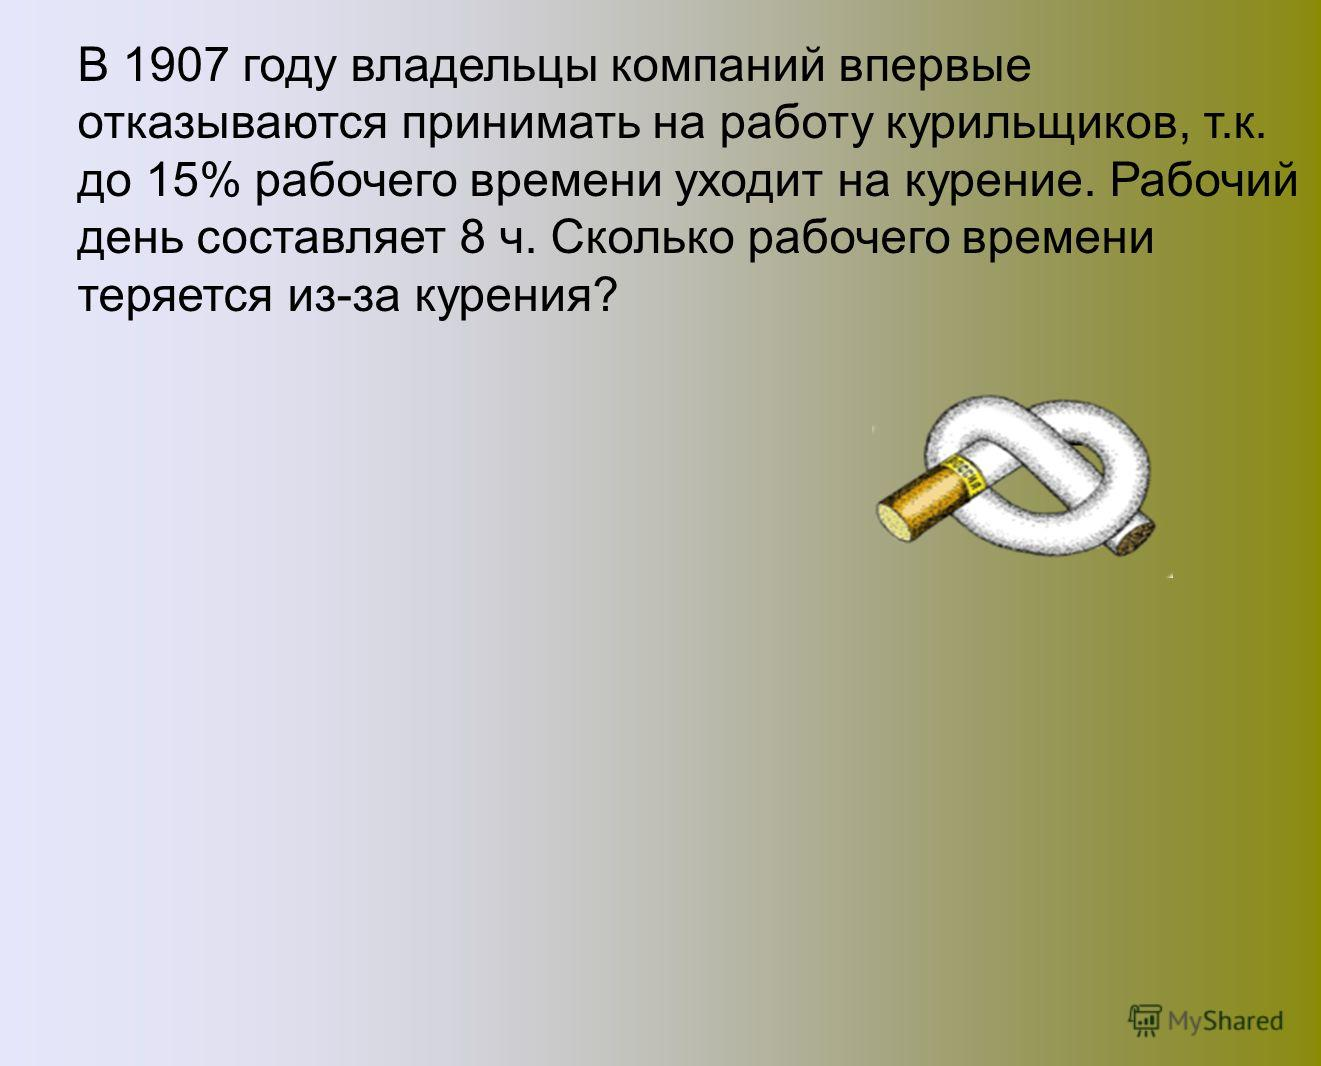 1,2 ч. В 1907 году владельцы компаний впервые отказываются принимать на работу курильщиков, т.к. до 15% рабочего времени уходит на курение. Рабочий день составляет 8 ч. Сколько рабочего времени теряется из-за курения?